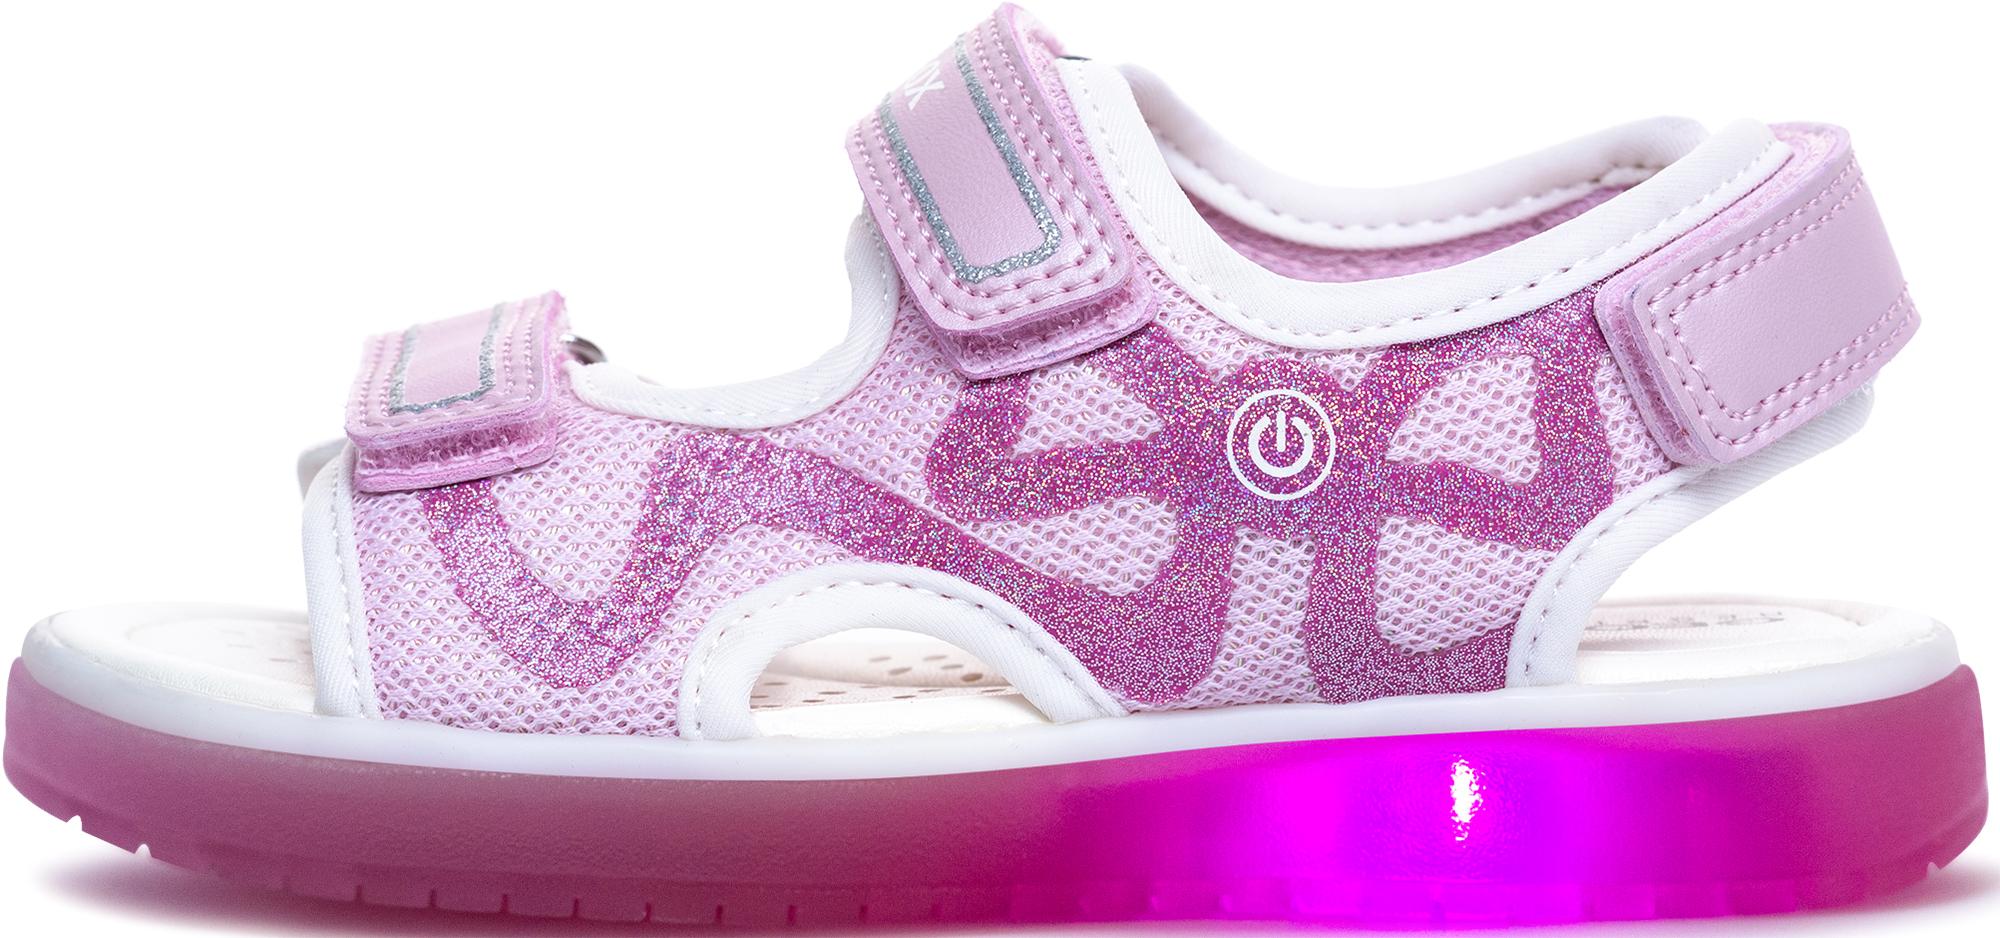 Geox Сандалии для девочек Geox Blikk, размер 35 сандалии geox d92dpa 00043 c0538